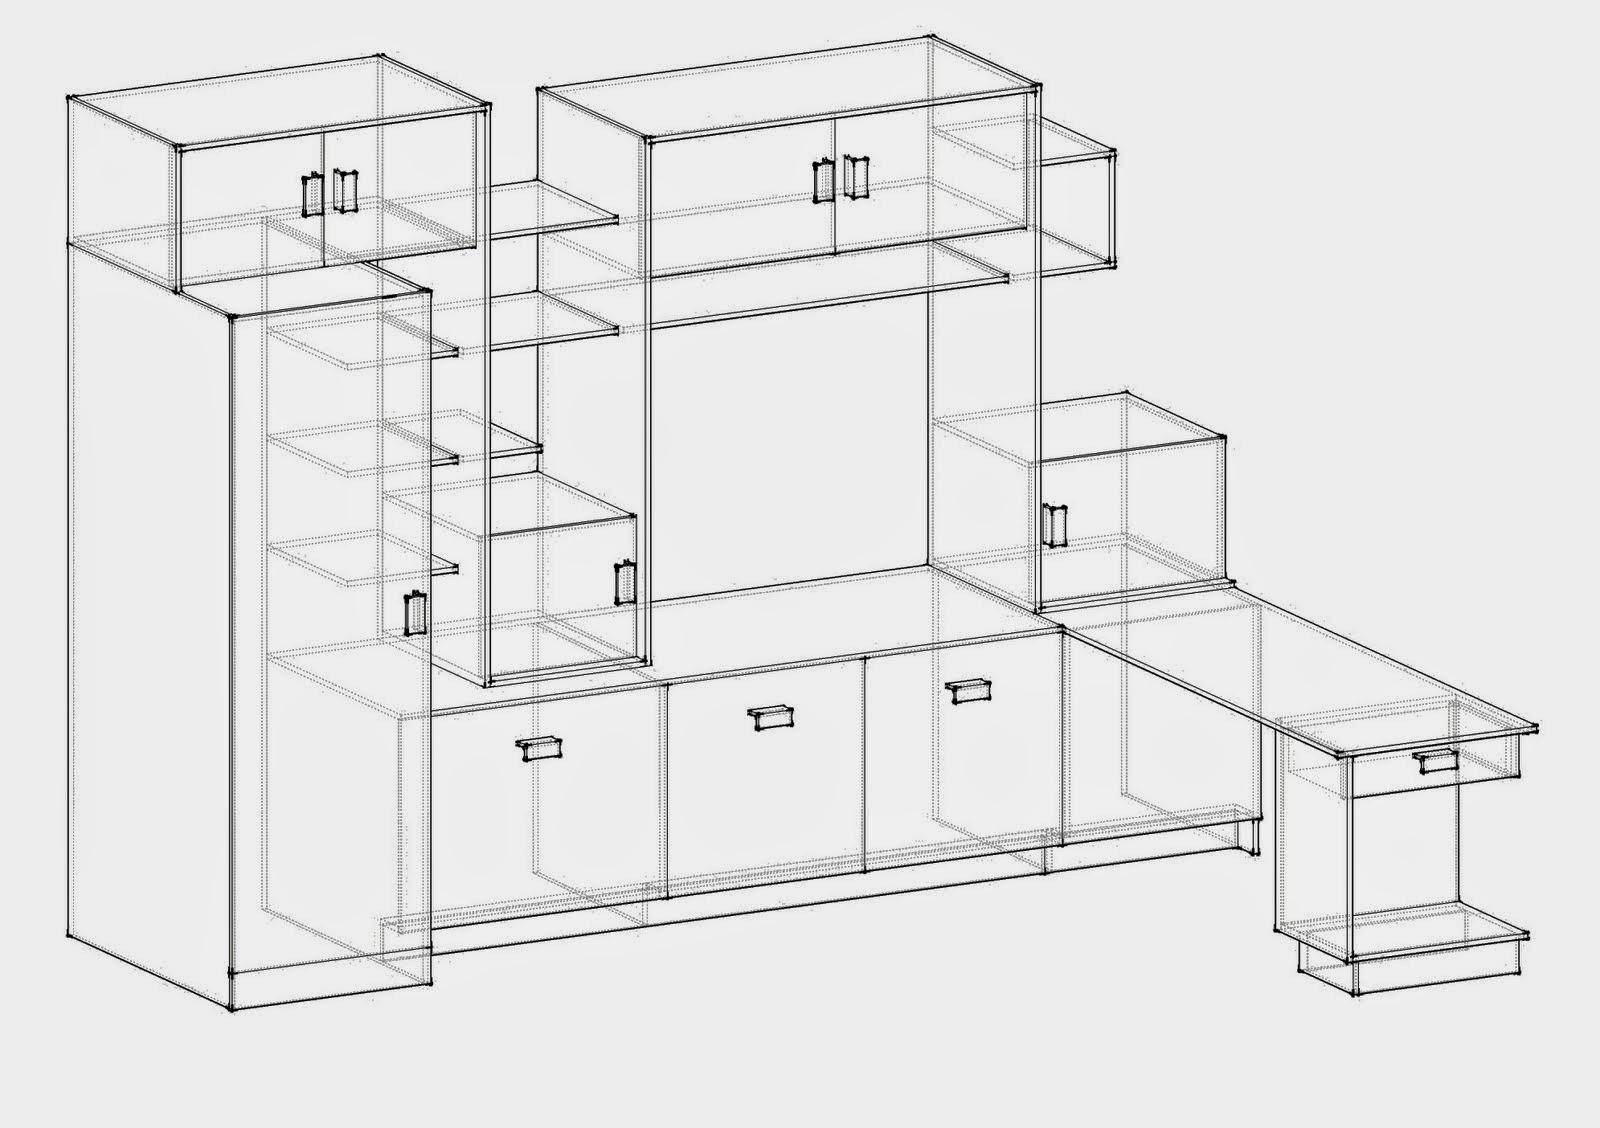 2014 grado10 tecnologia e informatica for Planos muebles madera